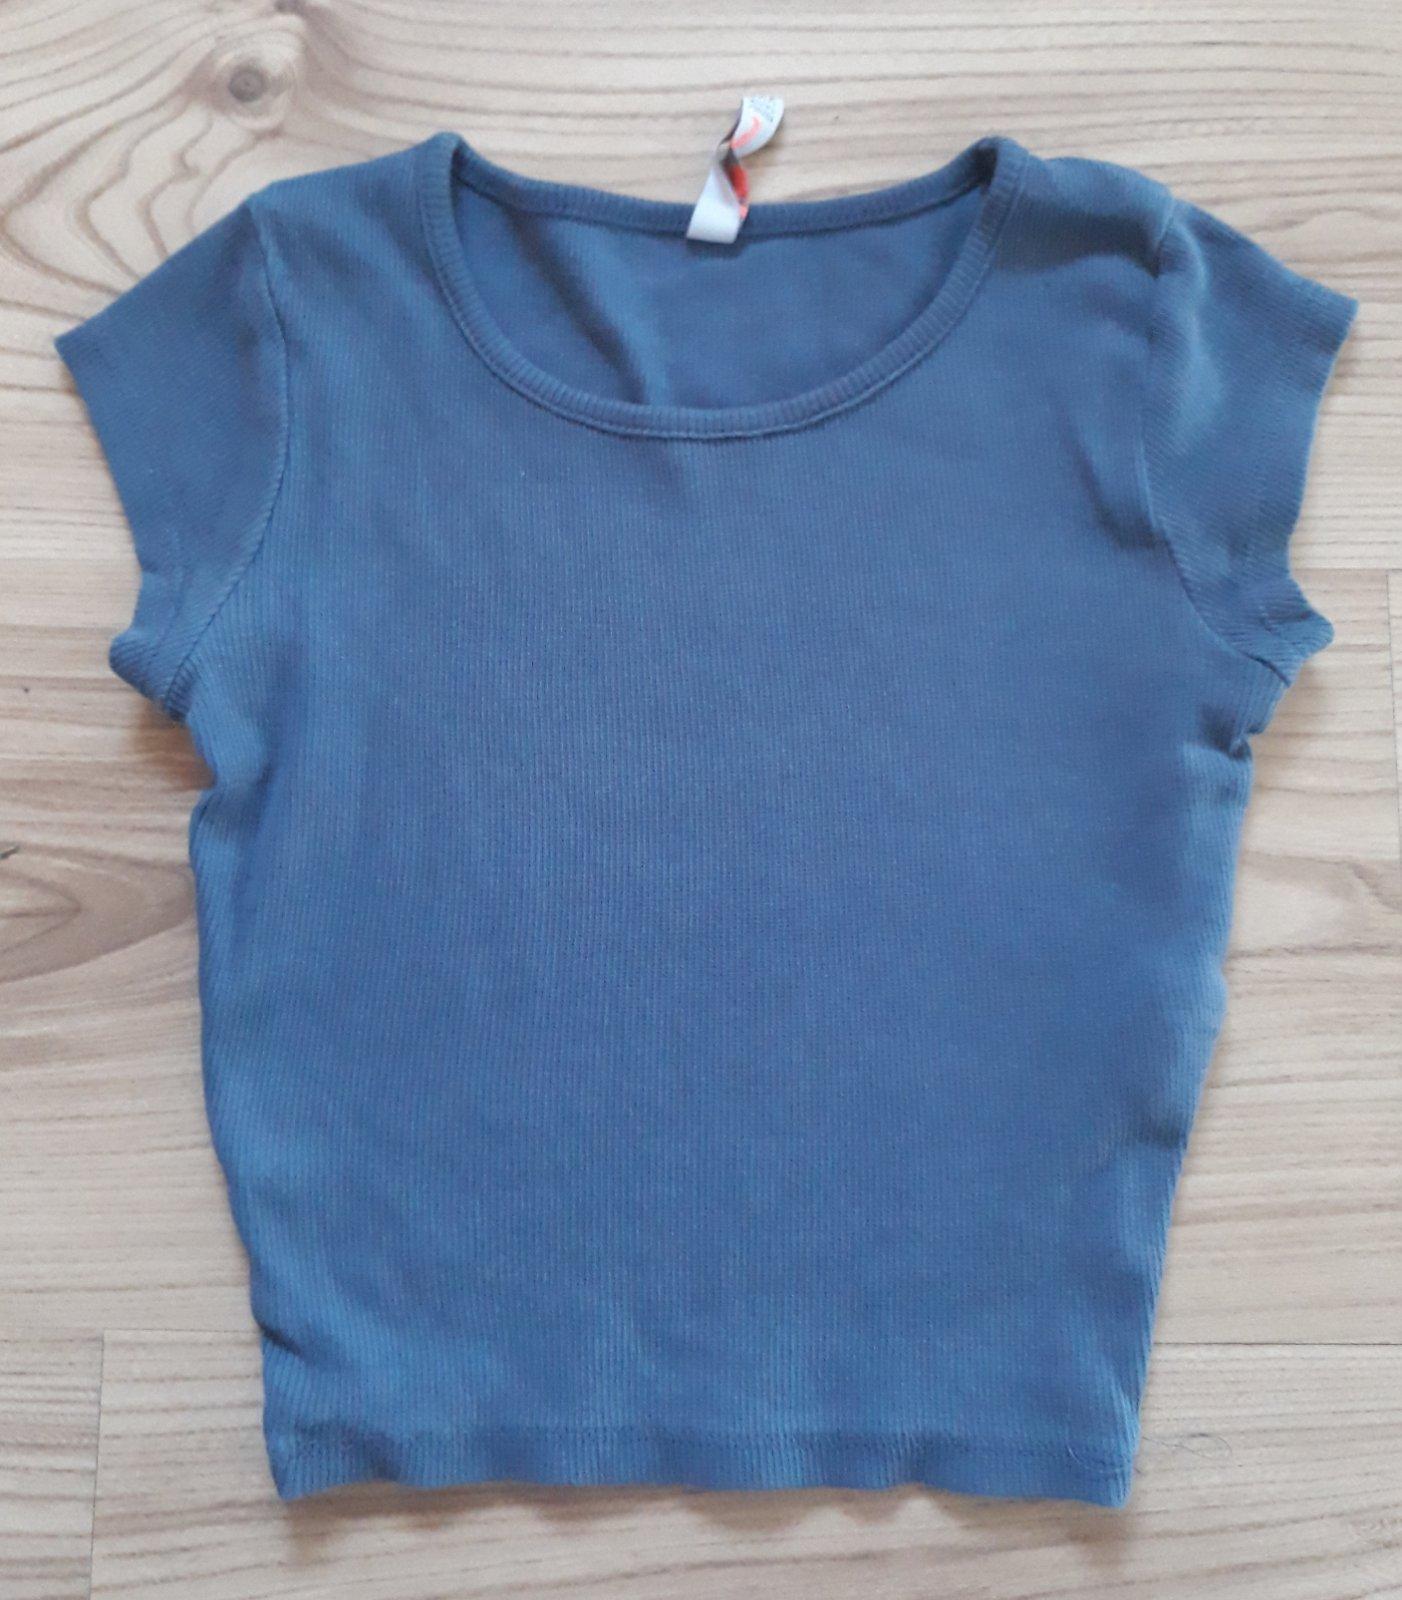 41ca16ac34f4d Dievčenské tričko/top new yorker č.xxs, 176 - 2,90 € od predávajúcej  mimililla | Detský bazár | ModryKonik.sk